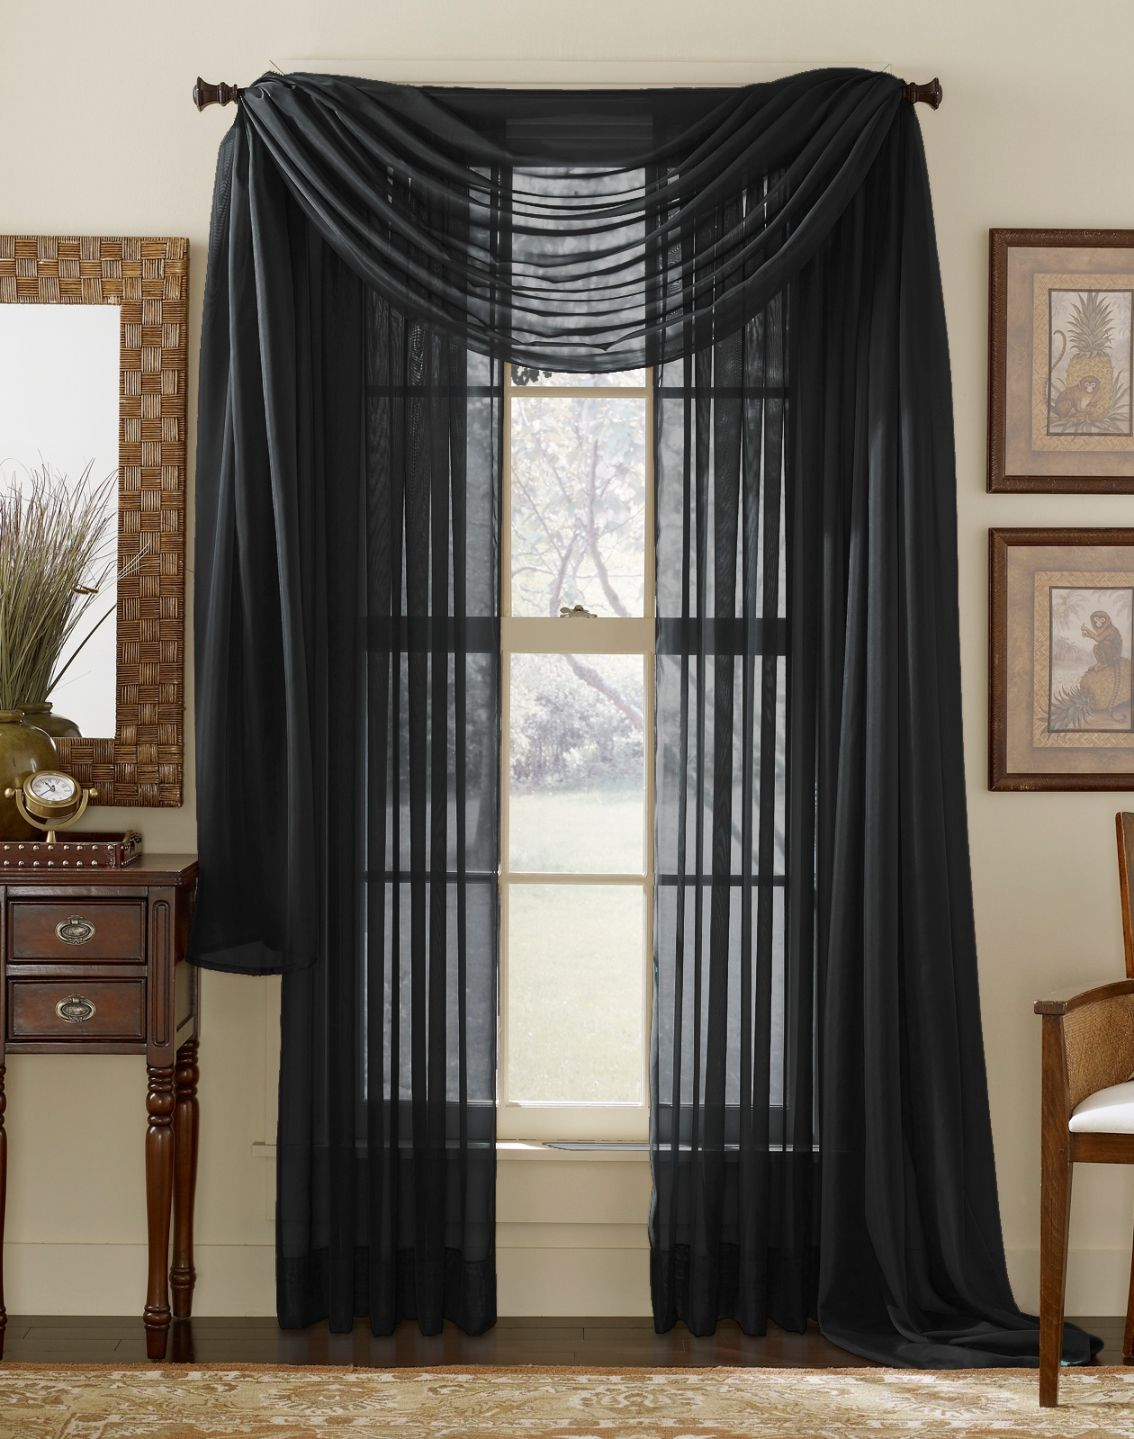 Elegance Sheer Onyx Black Black Sheer Curtains Voile